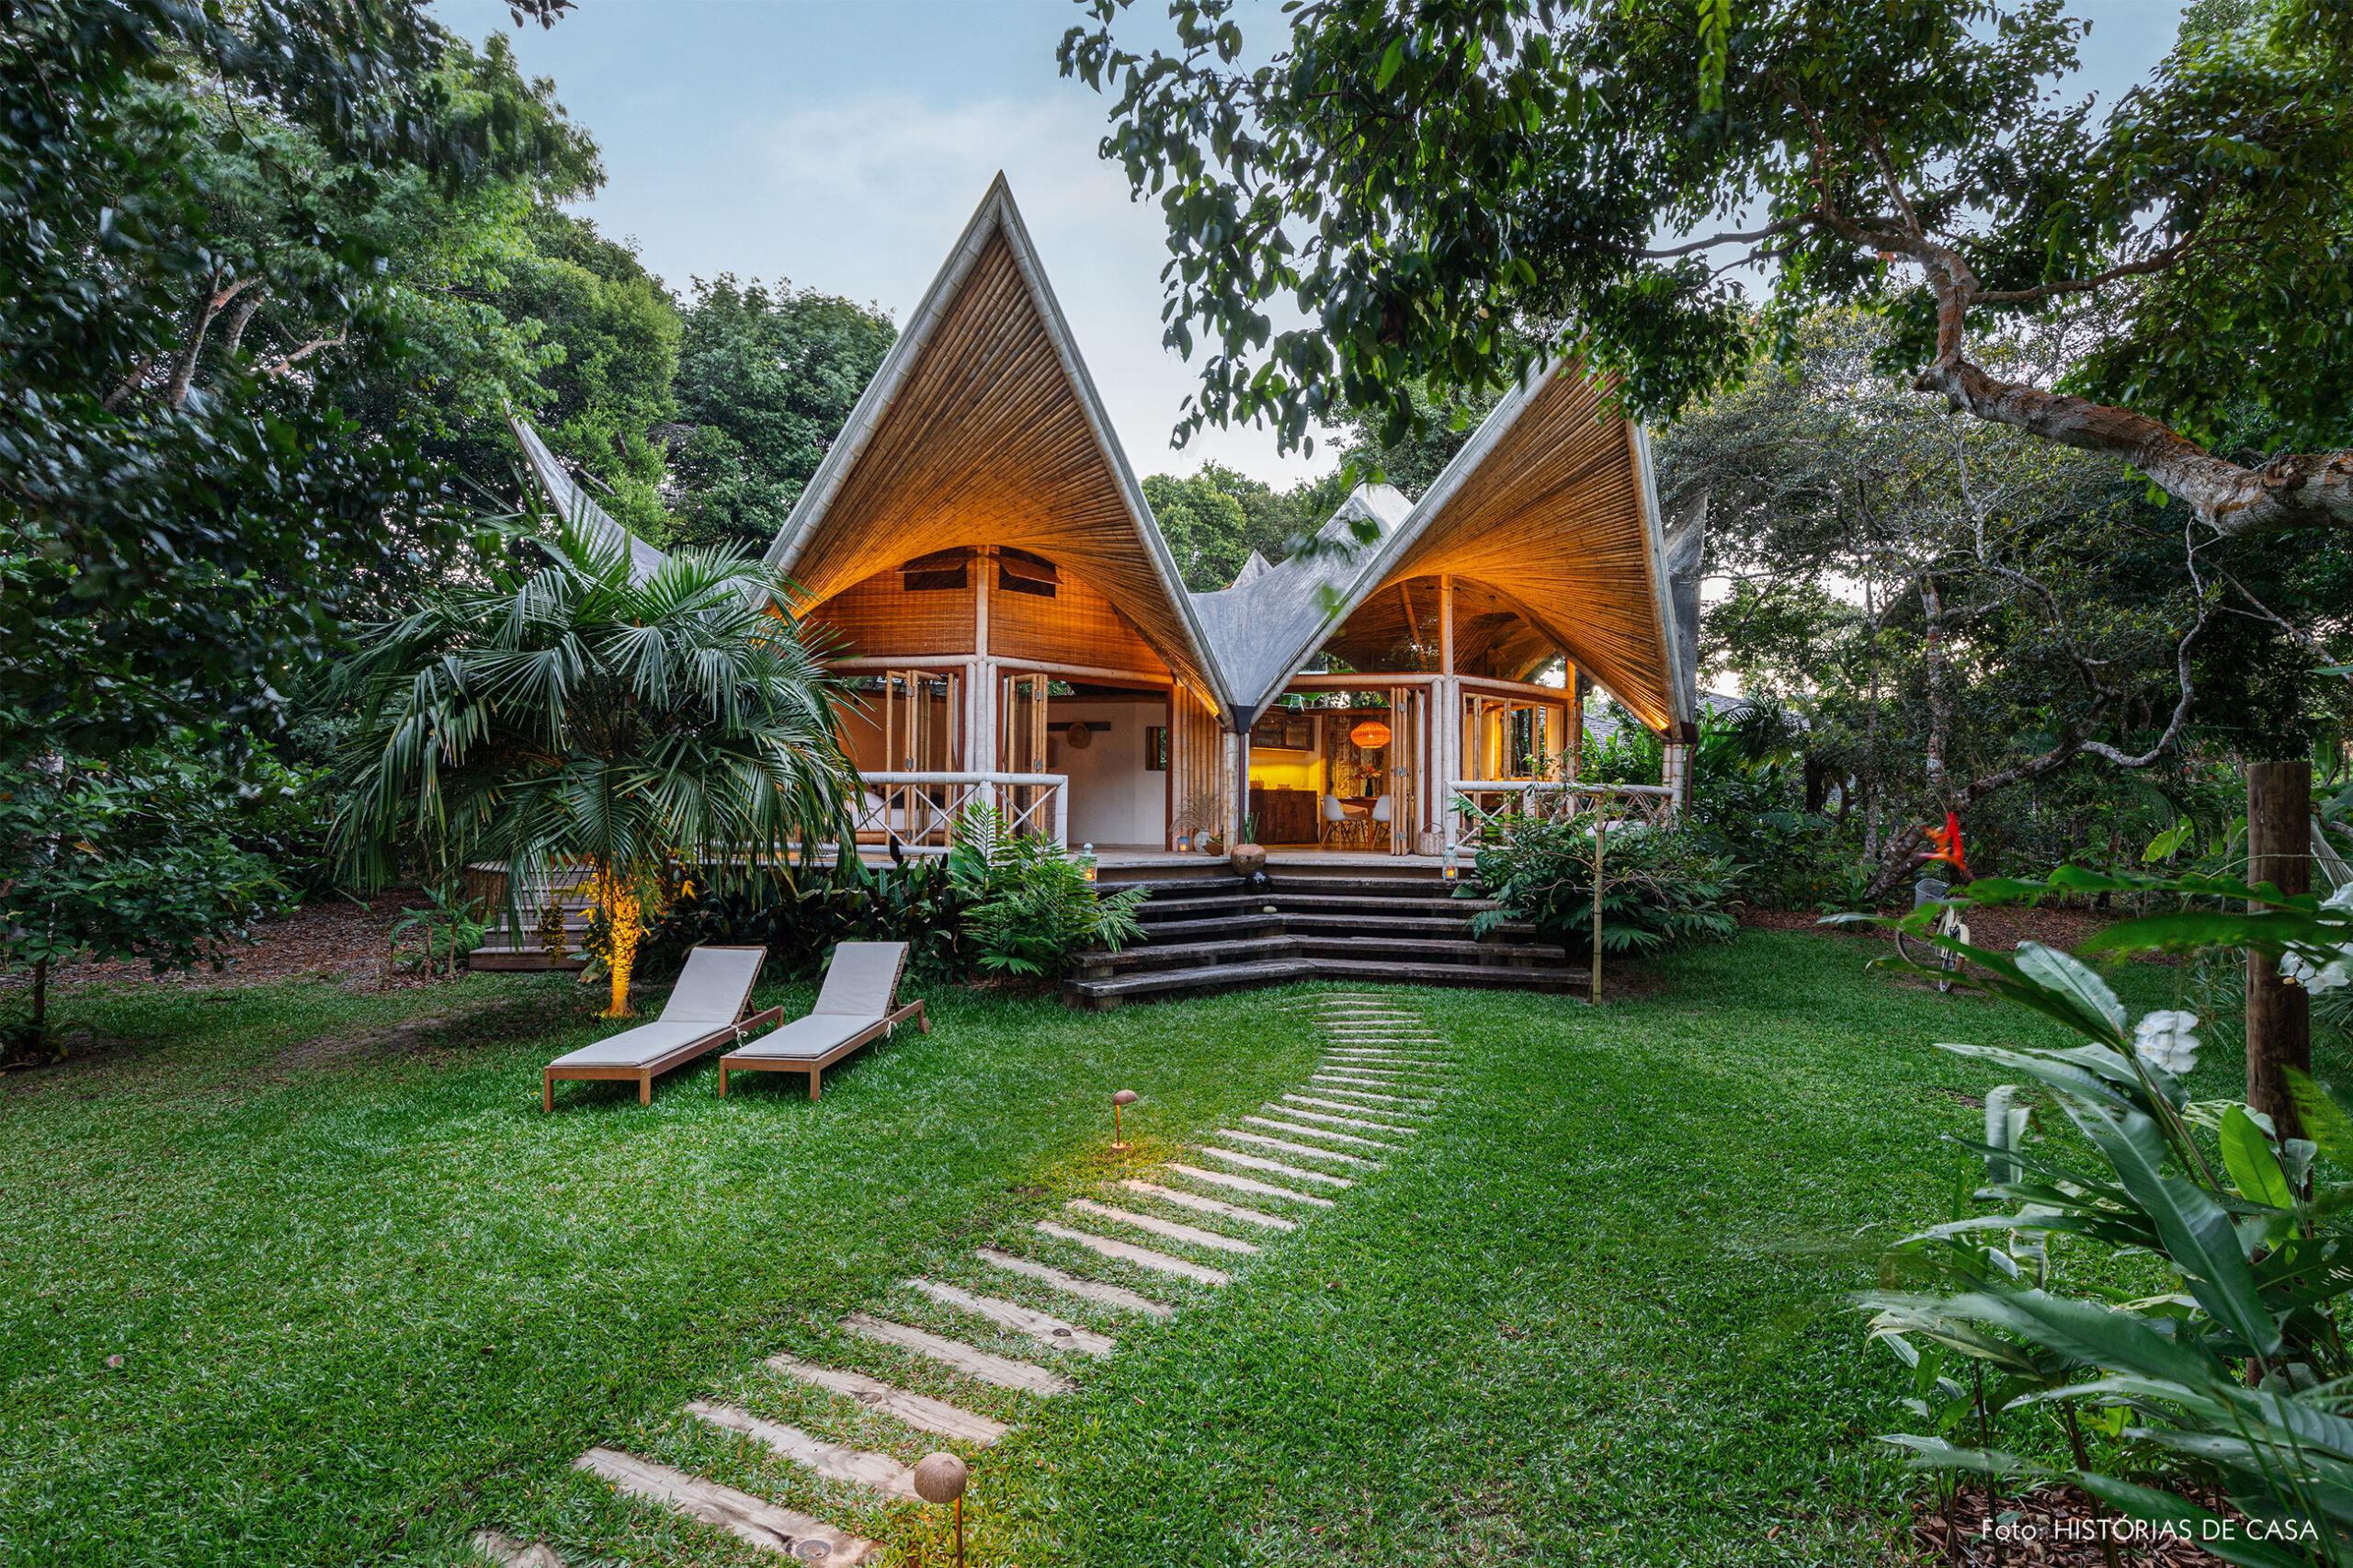 trancoso-vilasete-hotel-decoracao-83-jardim-bambu-chez-long